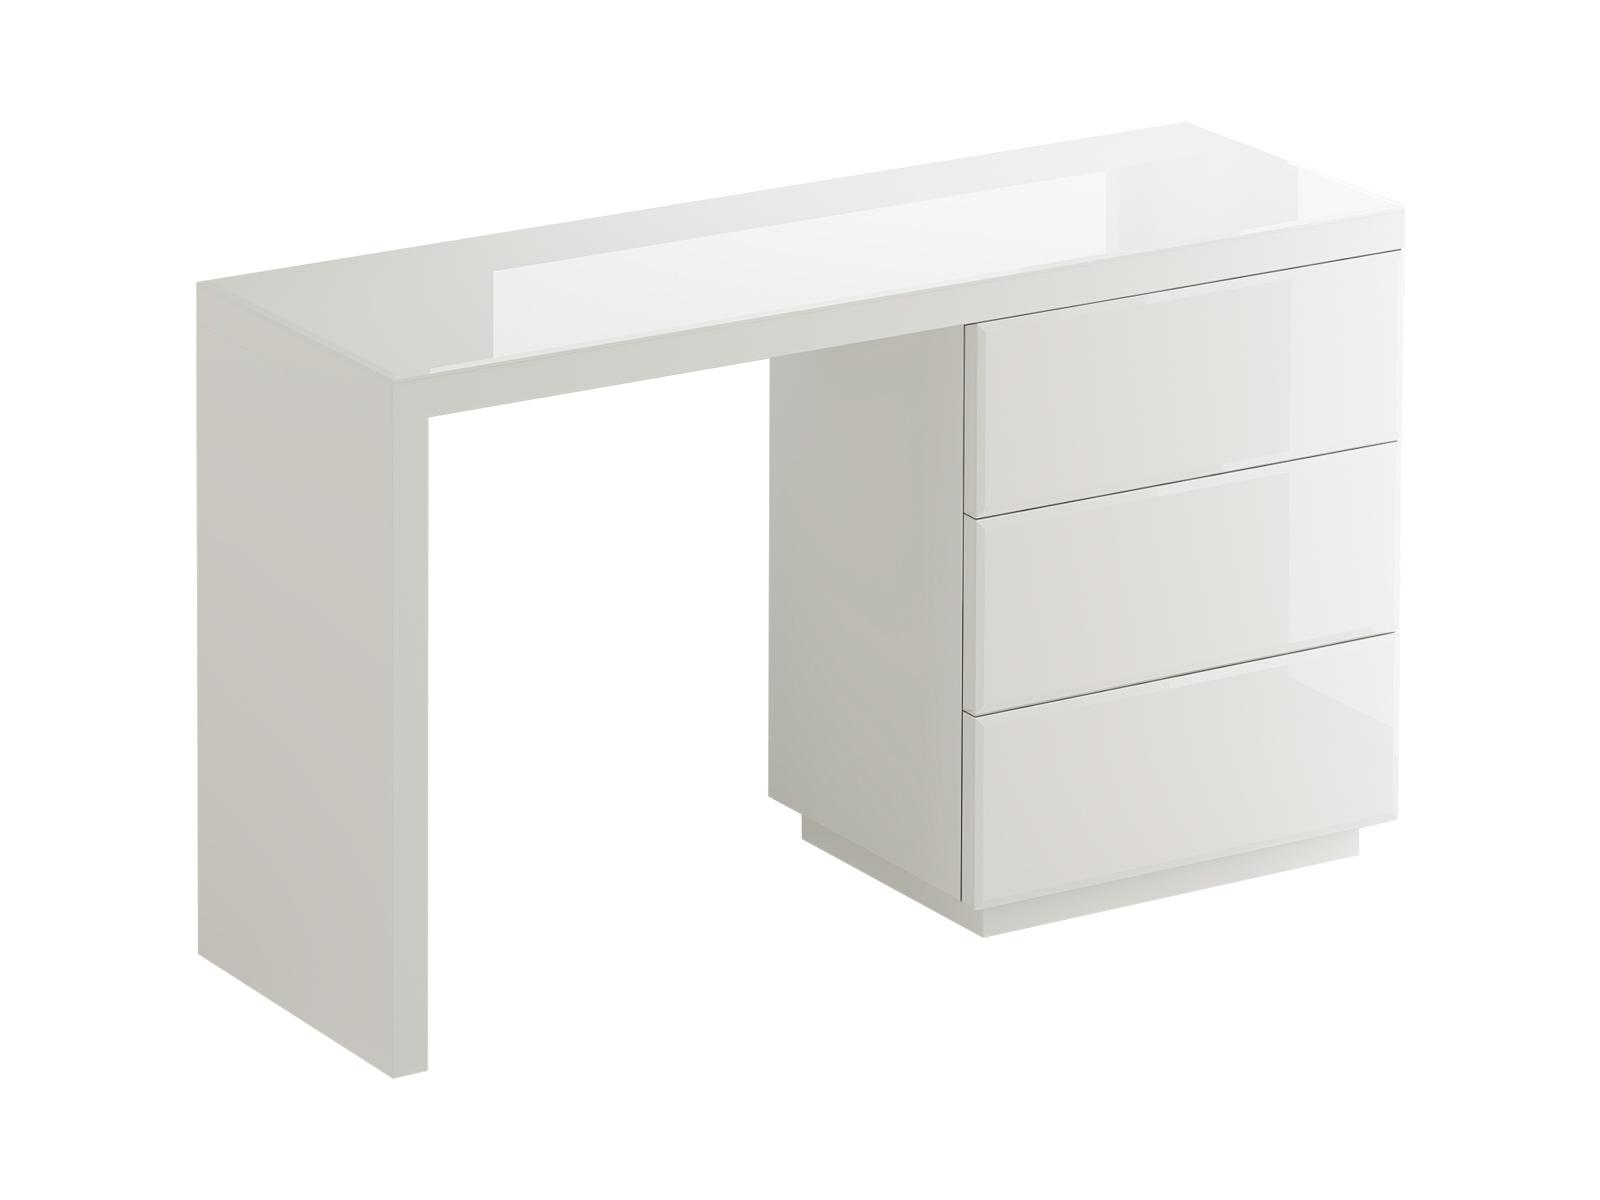 Туалетный столик KristalТуалетные столики<br>С этим столиком каждый день будет праздником! Только взгляните на то, как красиво переливается стеклянная столешница. У столика три шкафчика, открывающихся от нажатия, в них поместится все необходимое. Kristal отлично дополнит интерьер в стиле лофт.<br><br>Material: ДСП<br>Ширина см: 134<br>Высота см: 77<br>Глубина см: 46